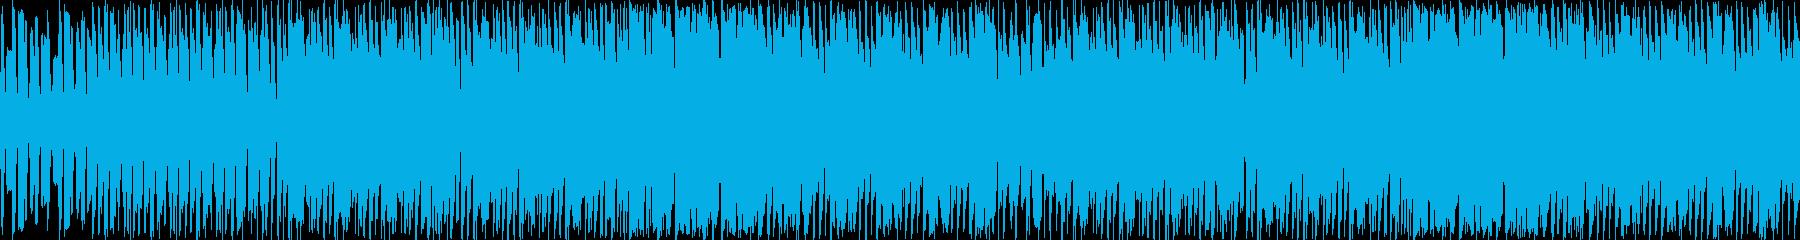 ゆるふわほのぼのゲームBGMの再生済みの波形